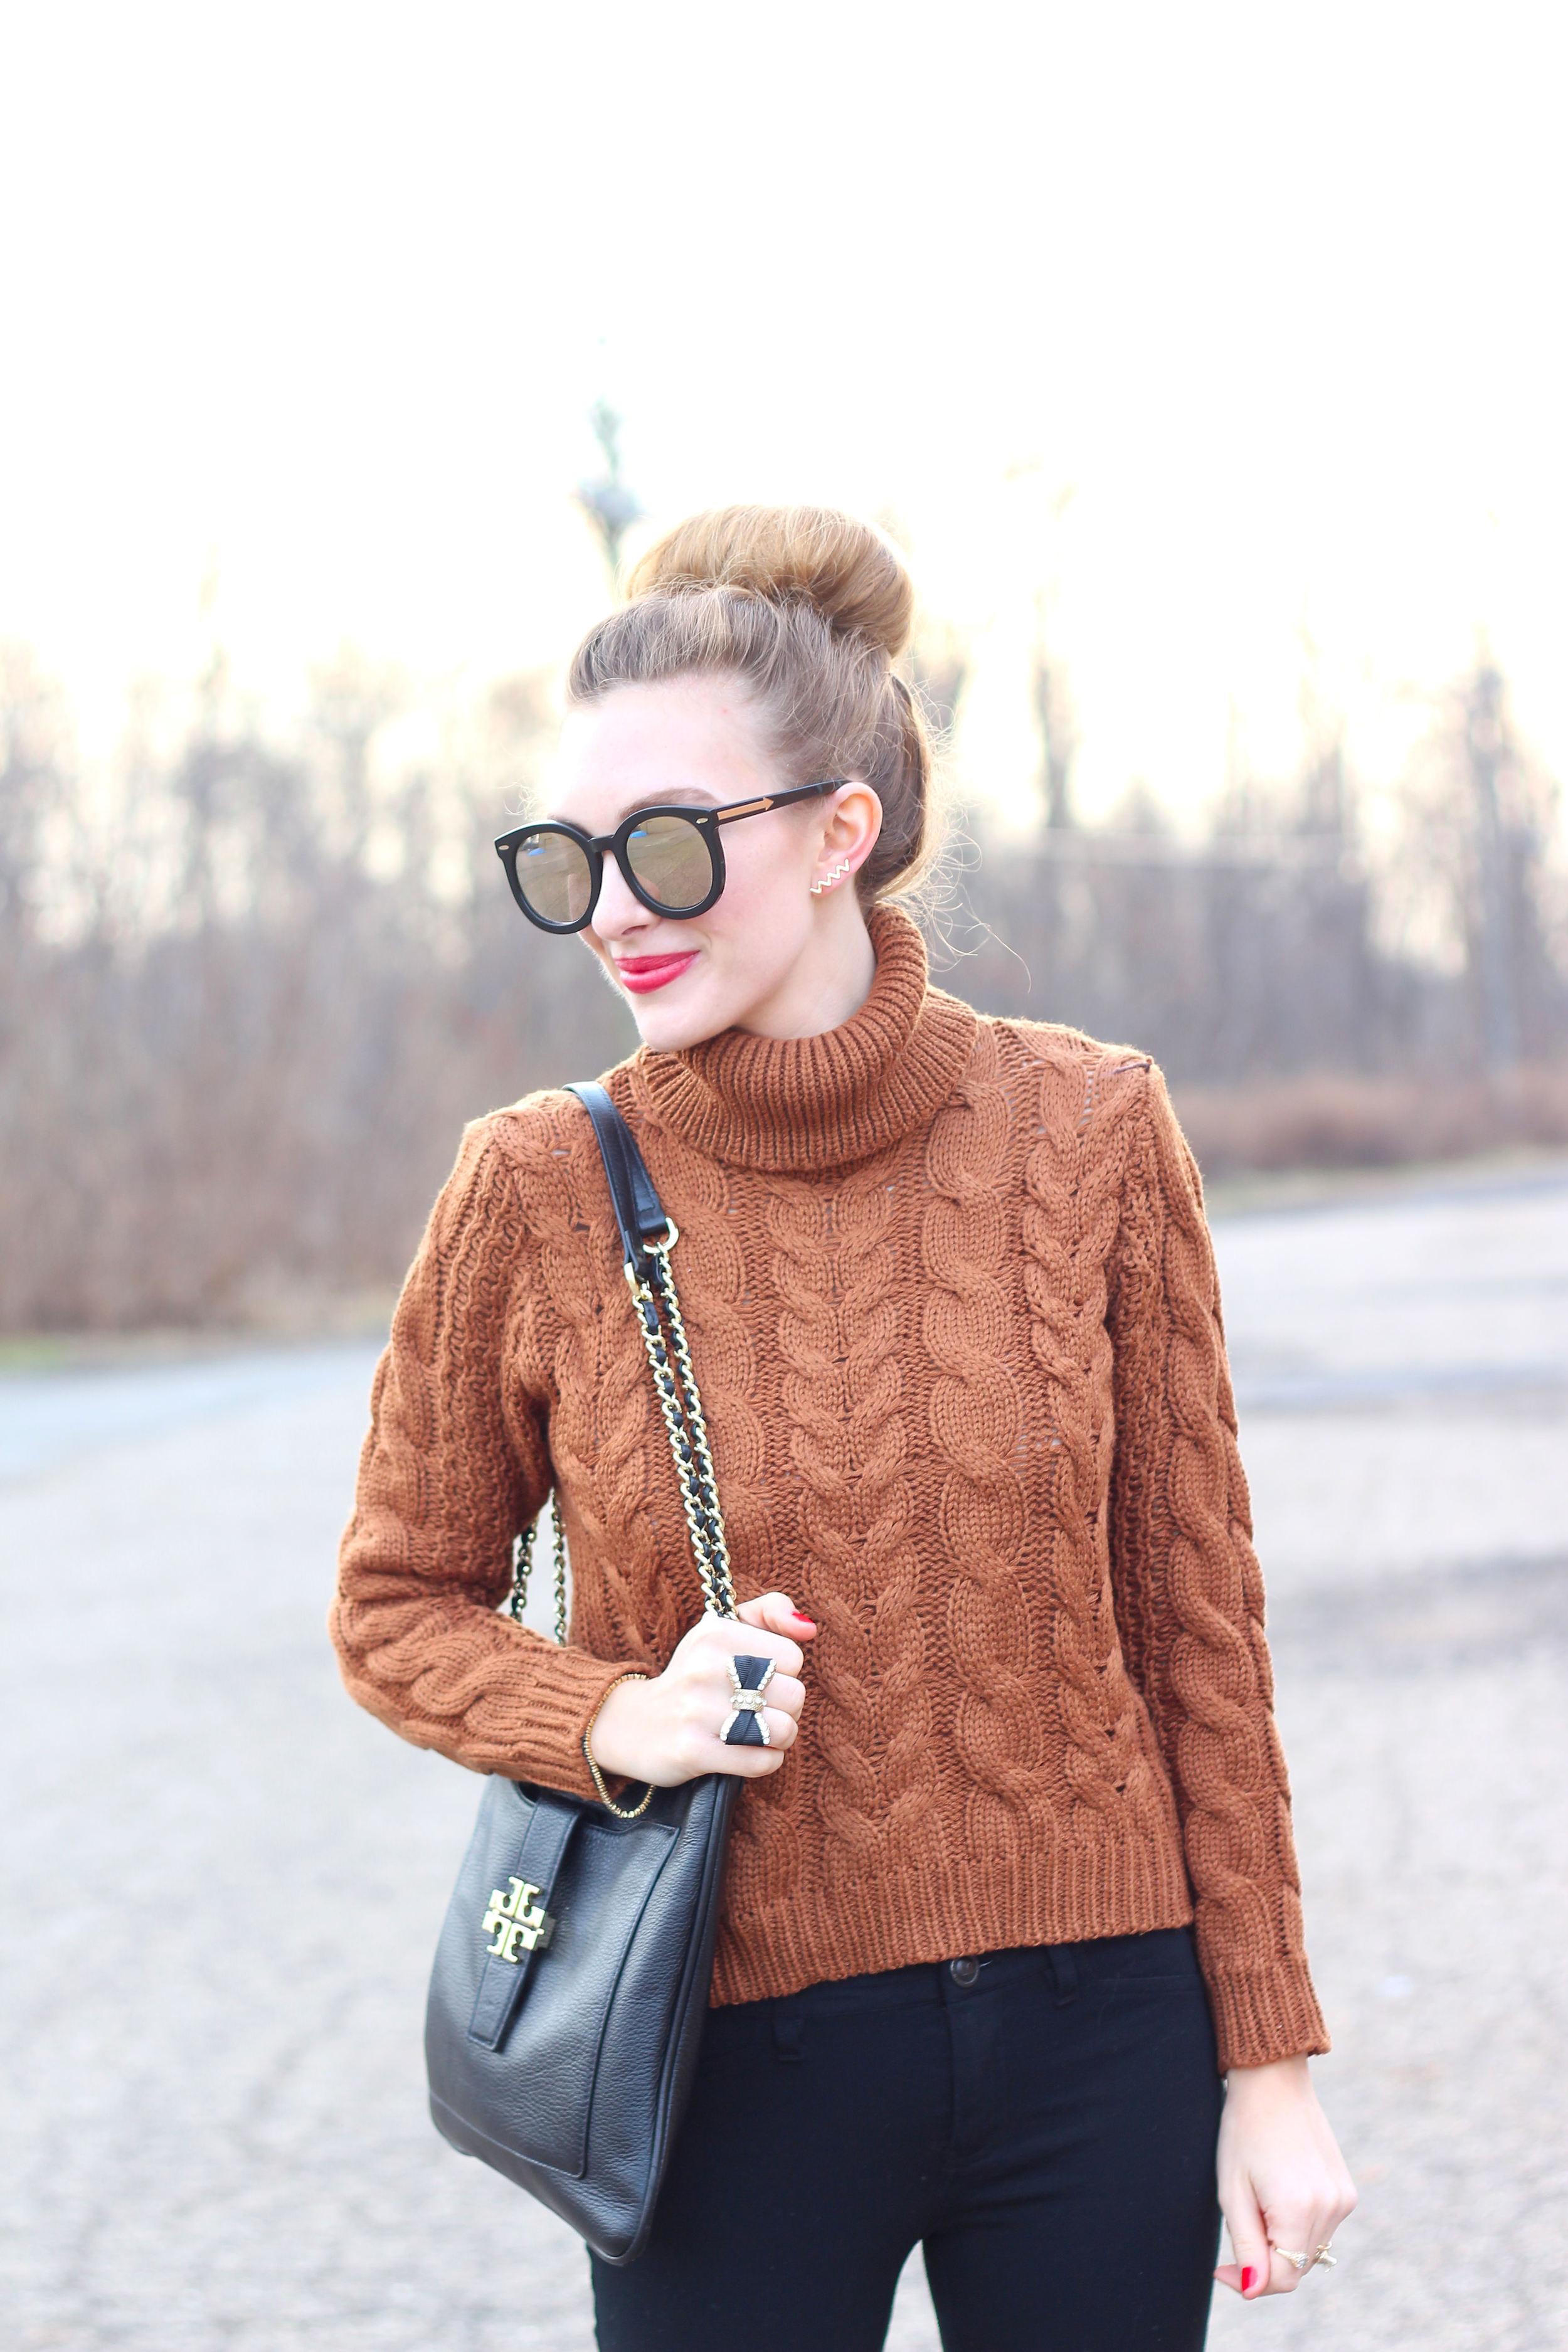 Khacki Sweater- Enchanting Elegance